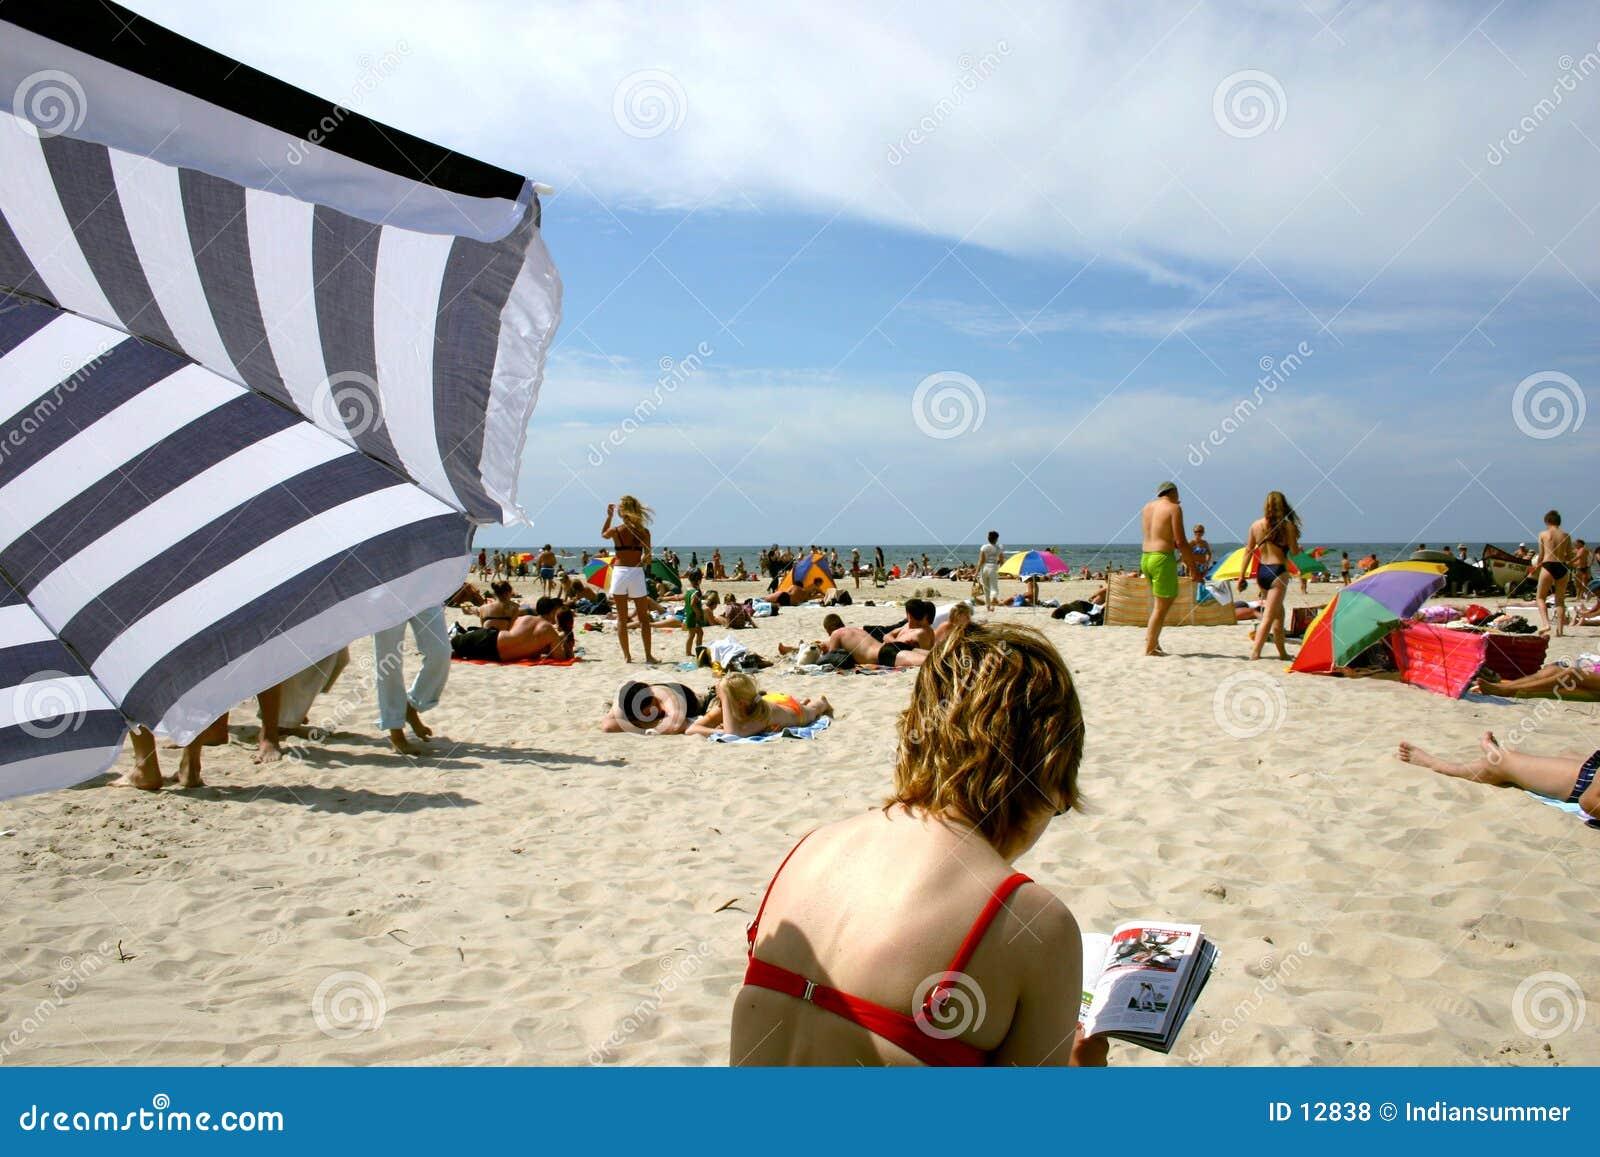 Summer on the beach III